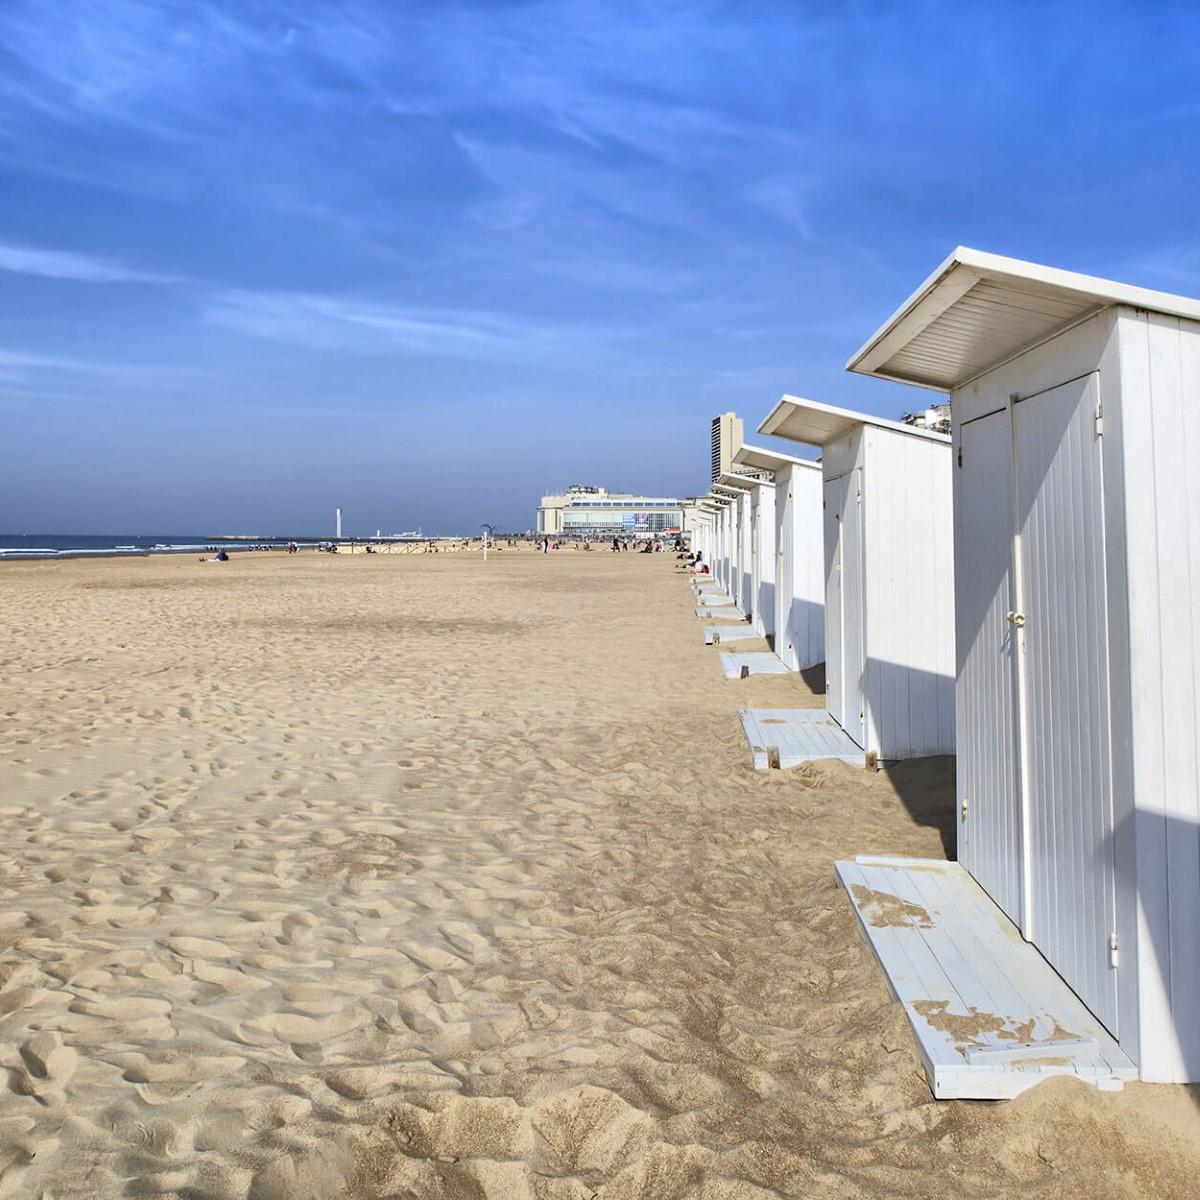 croisi re france espagne portugal joyaux de l europe de l ouest hurtigruten fr. Black Bedroom Furniture Sets. Home Design Ideas